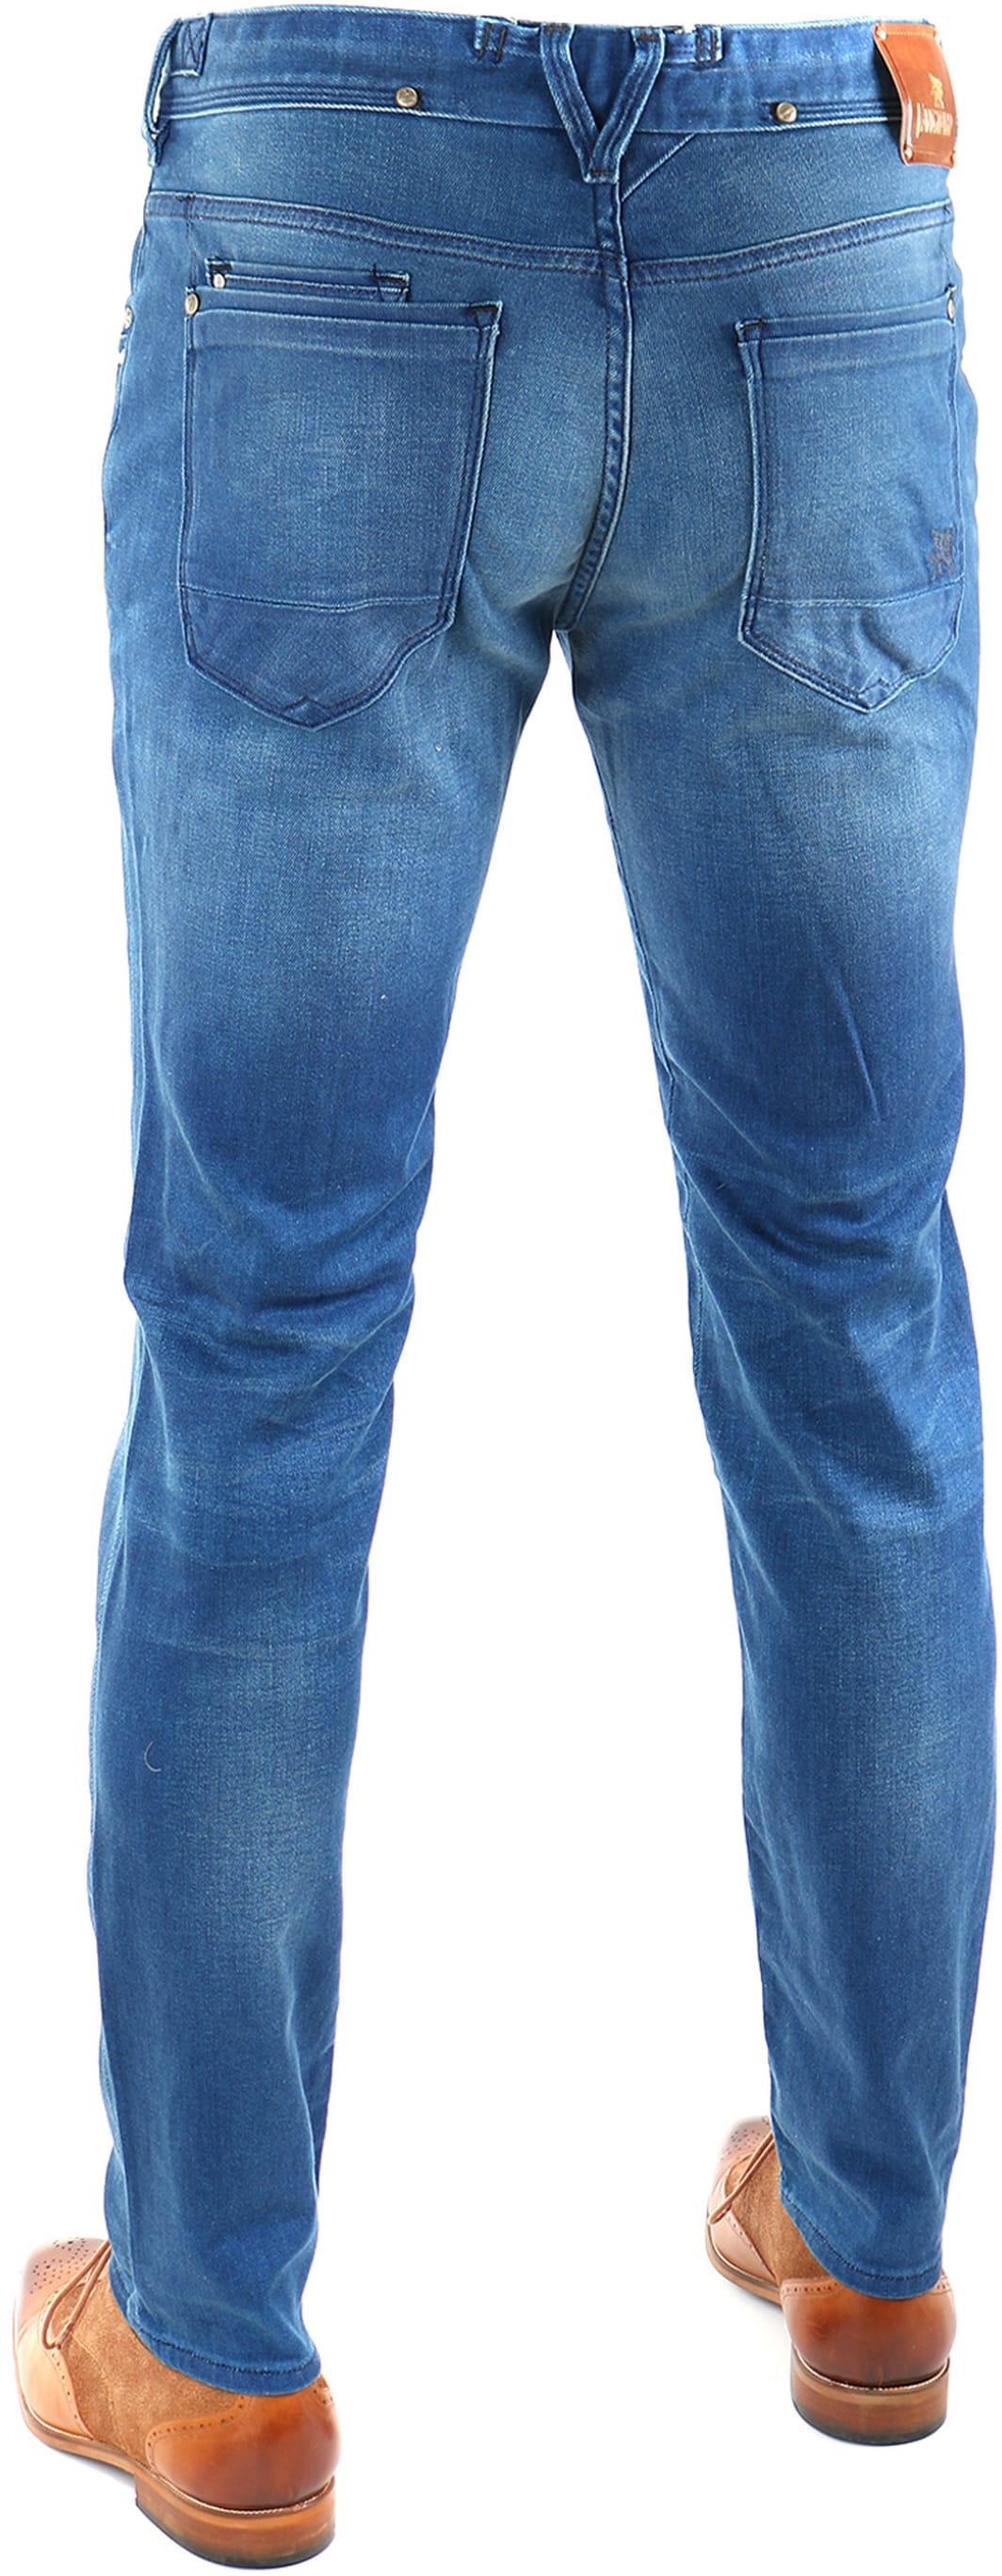 Vanguard V8 Racer Jeans Blue foto 4